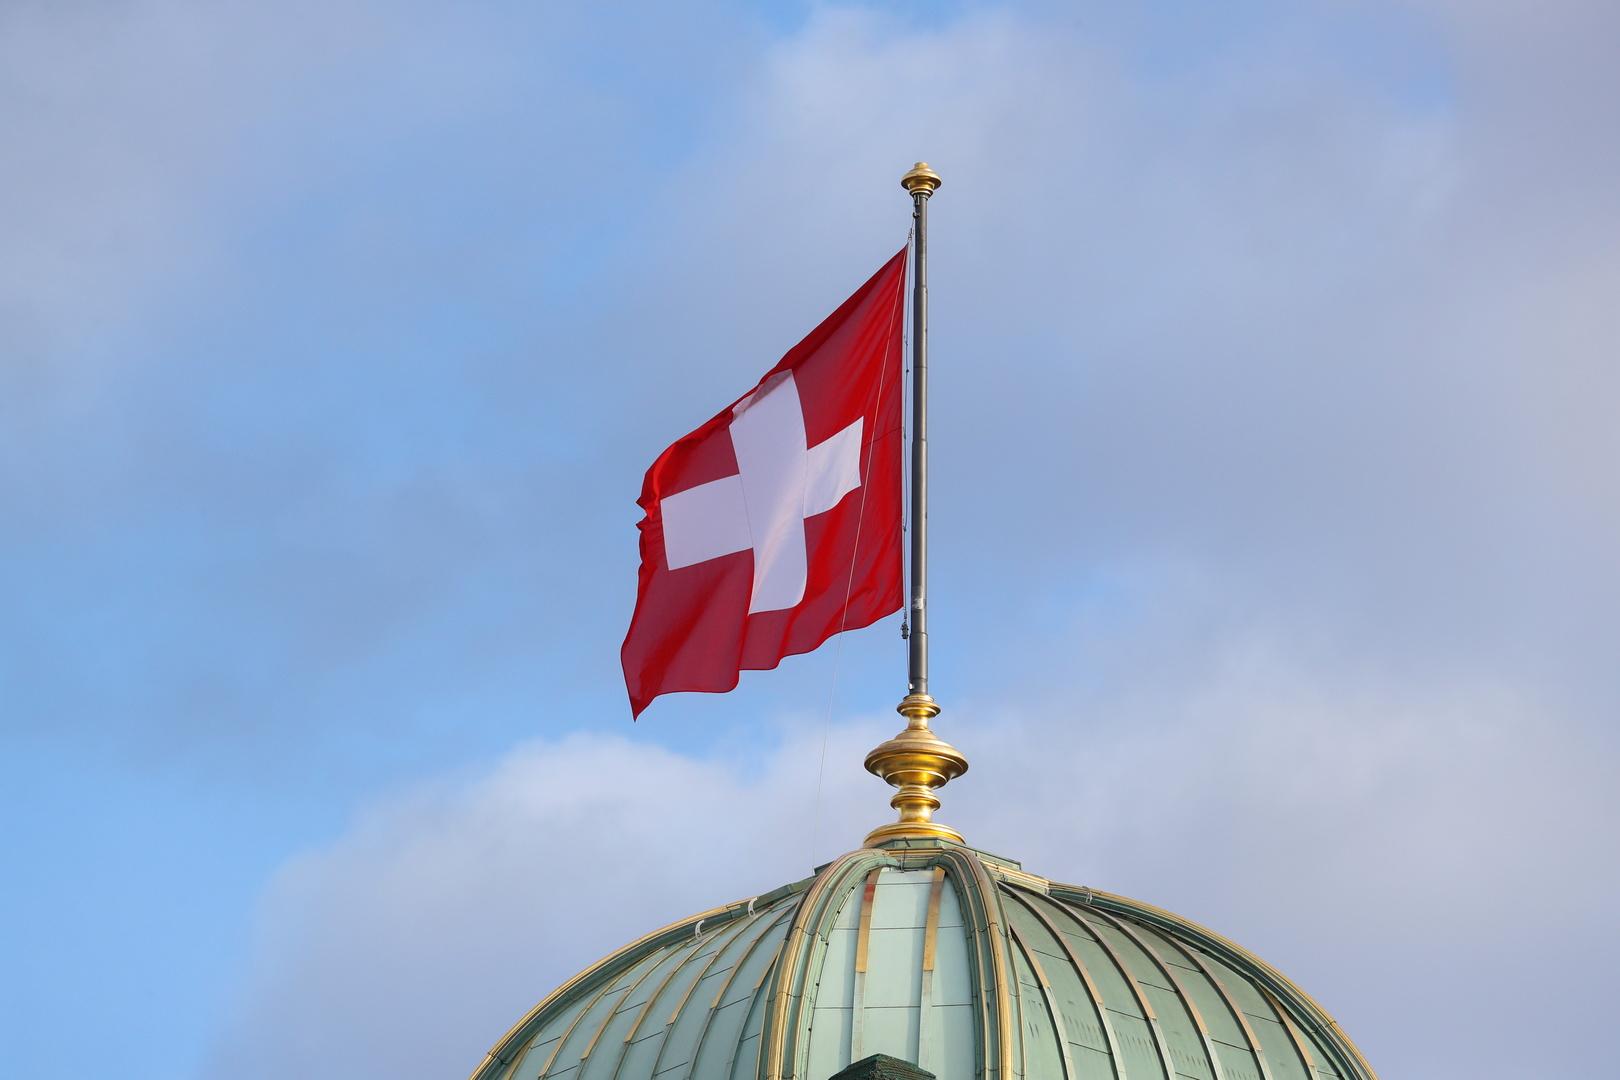 البرلمان السويسري يصادق على قانون زواج المثليين